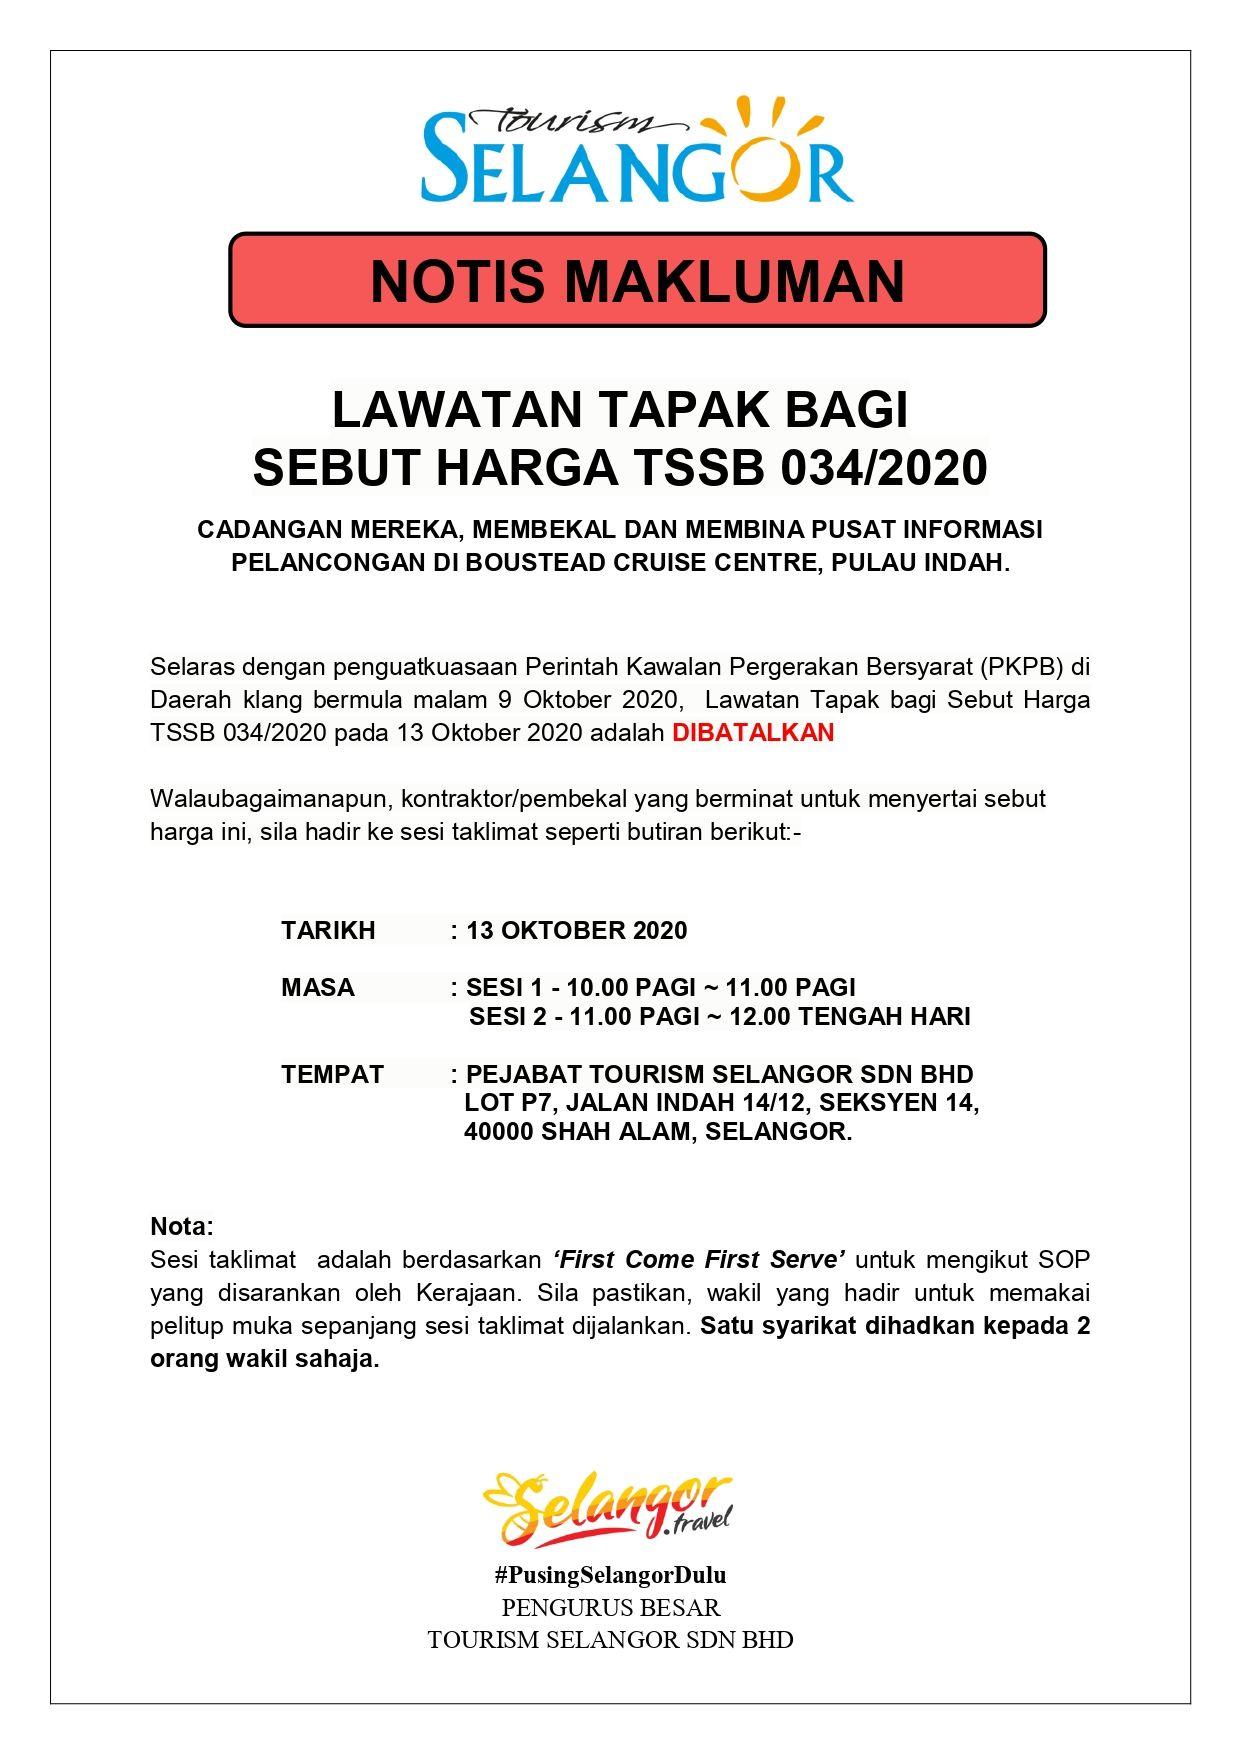 Tender Notice : TSSB 034 / 2020 2